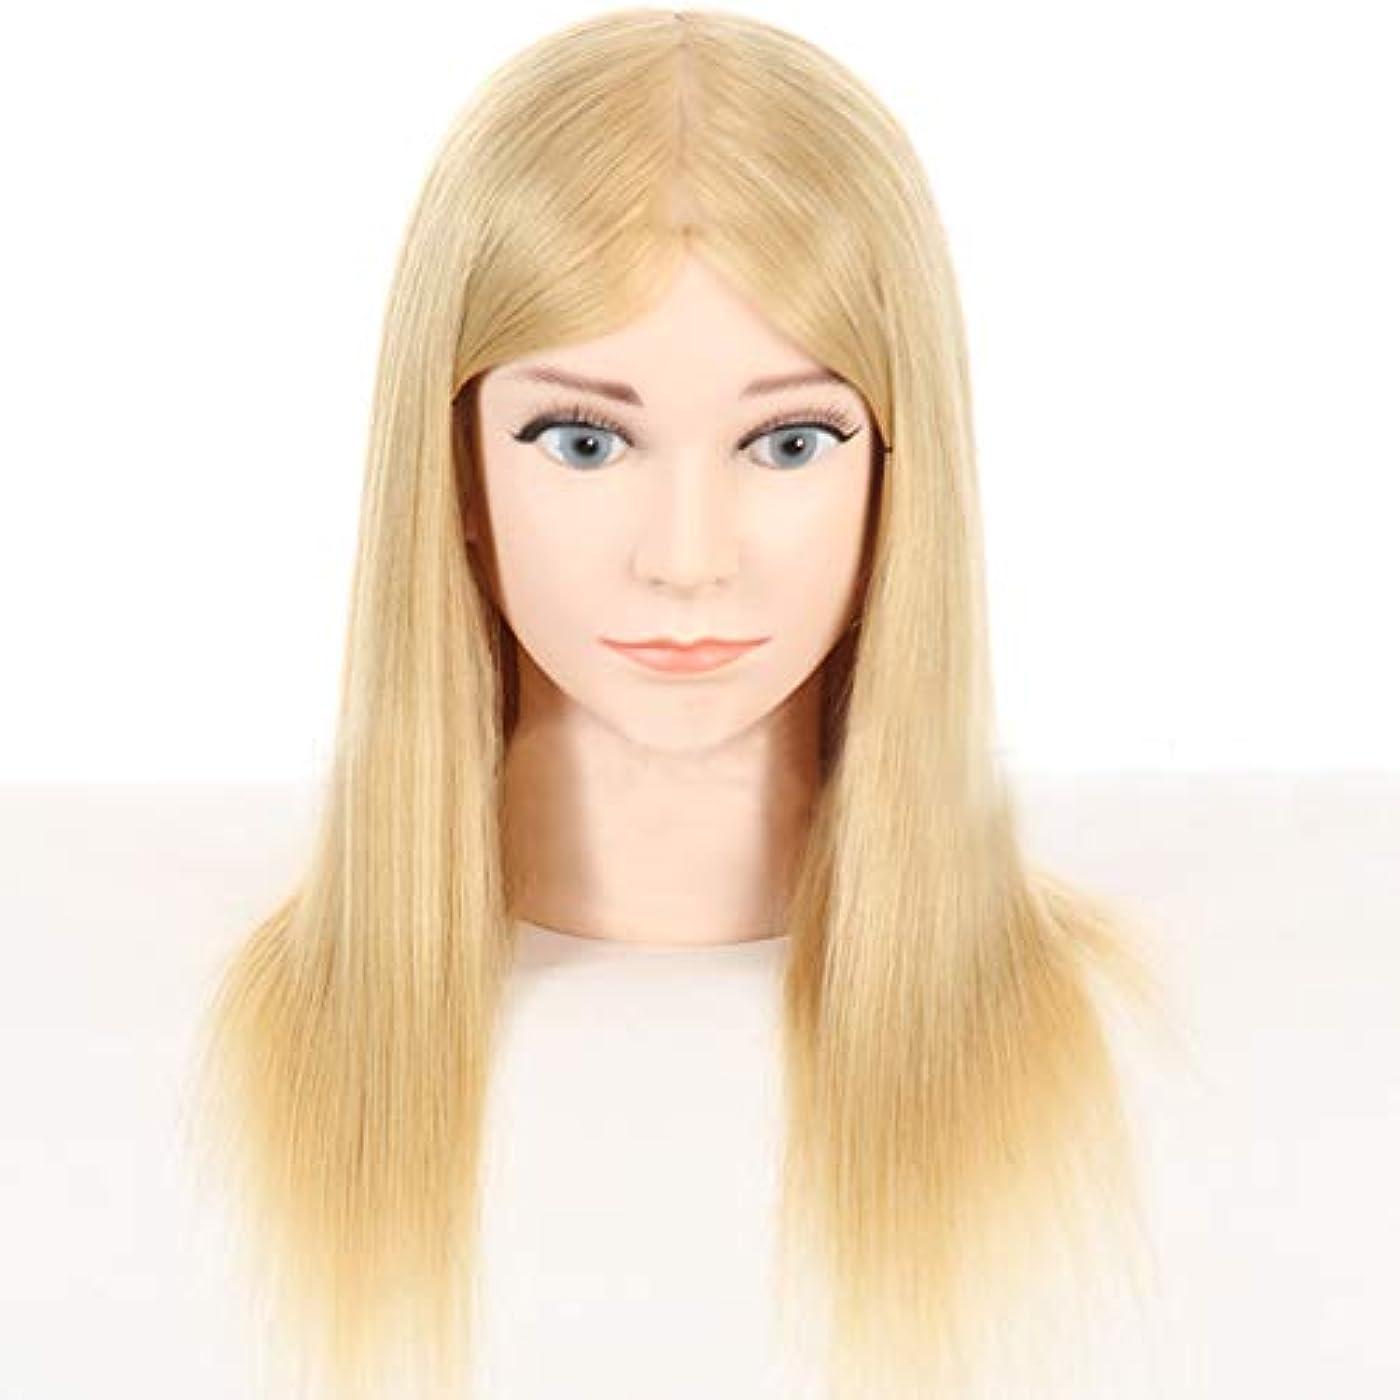 共産主義霧深い信じる本物の人間の髪のかつらの頭の金型の理髪の髪型のスタイリングマネキンの頭の理髪店の練習の練習ダミーヘッド